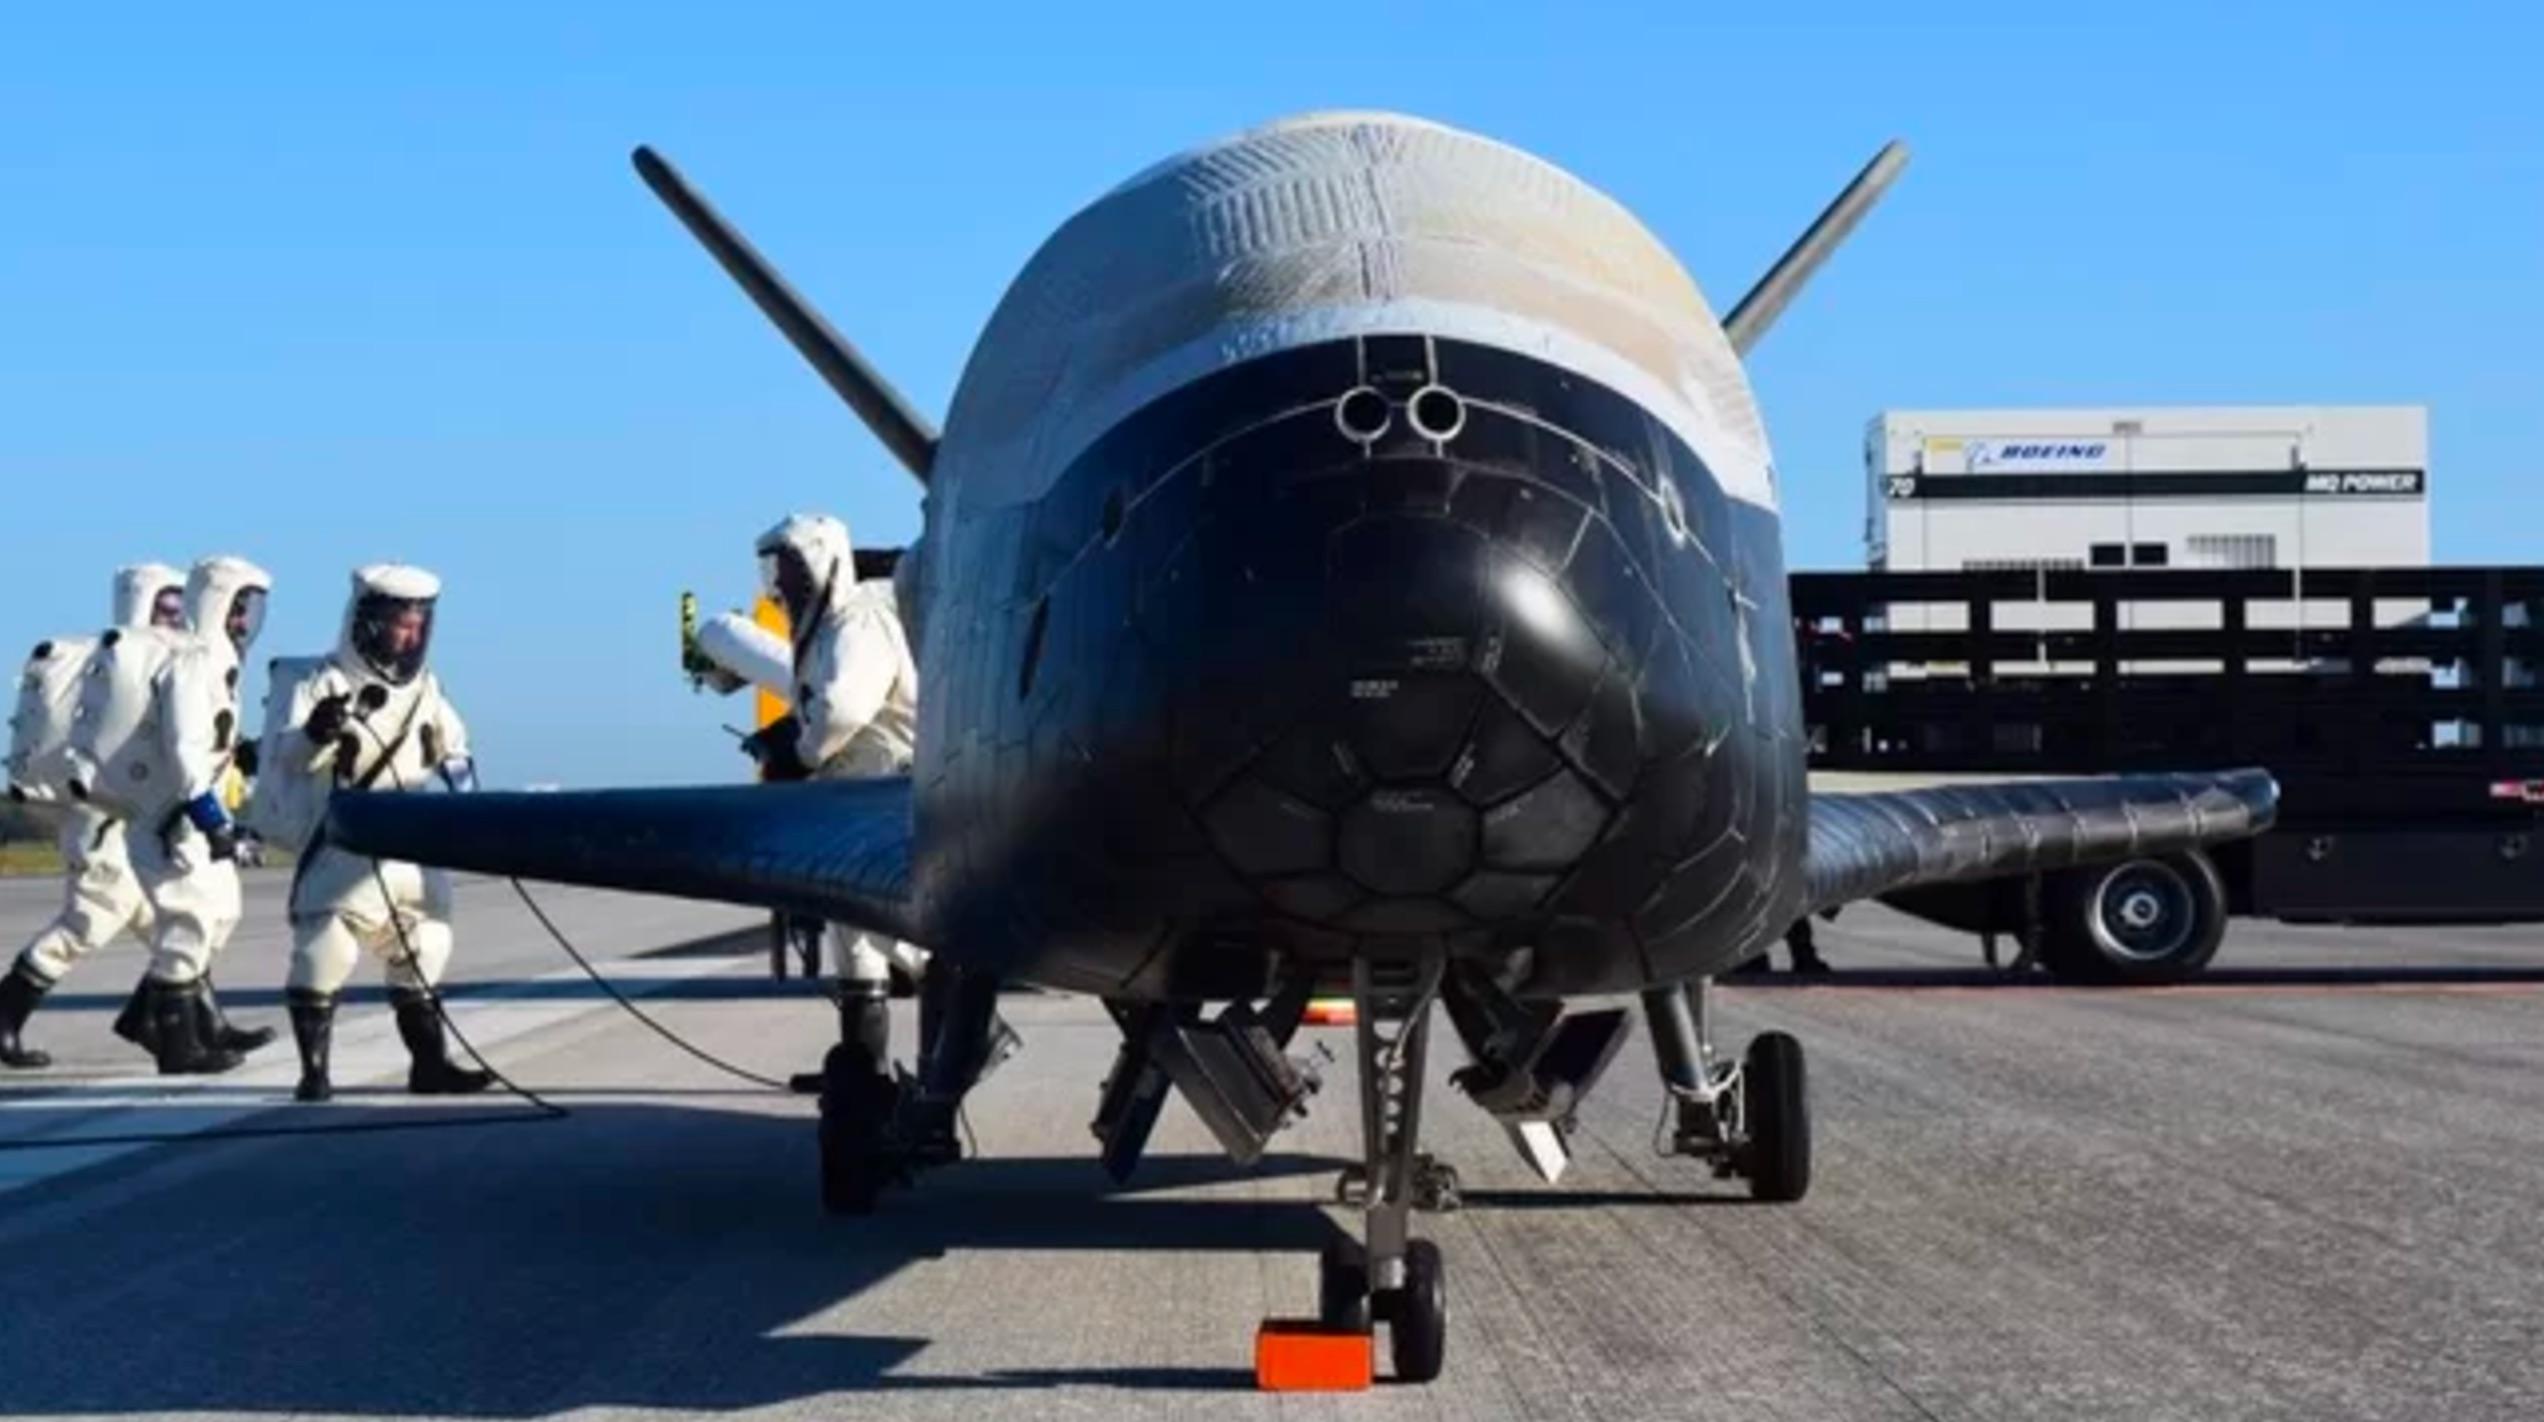 x plane spacecraft - photo #15